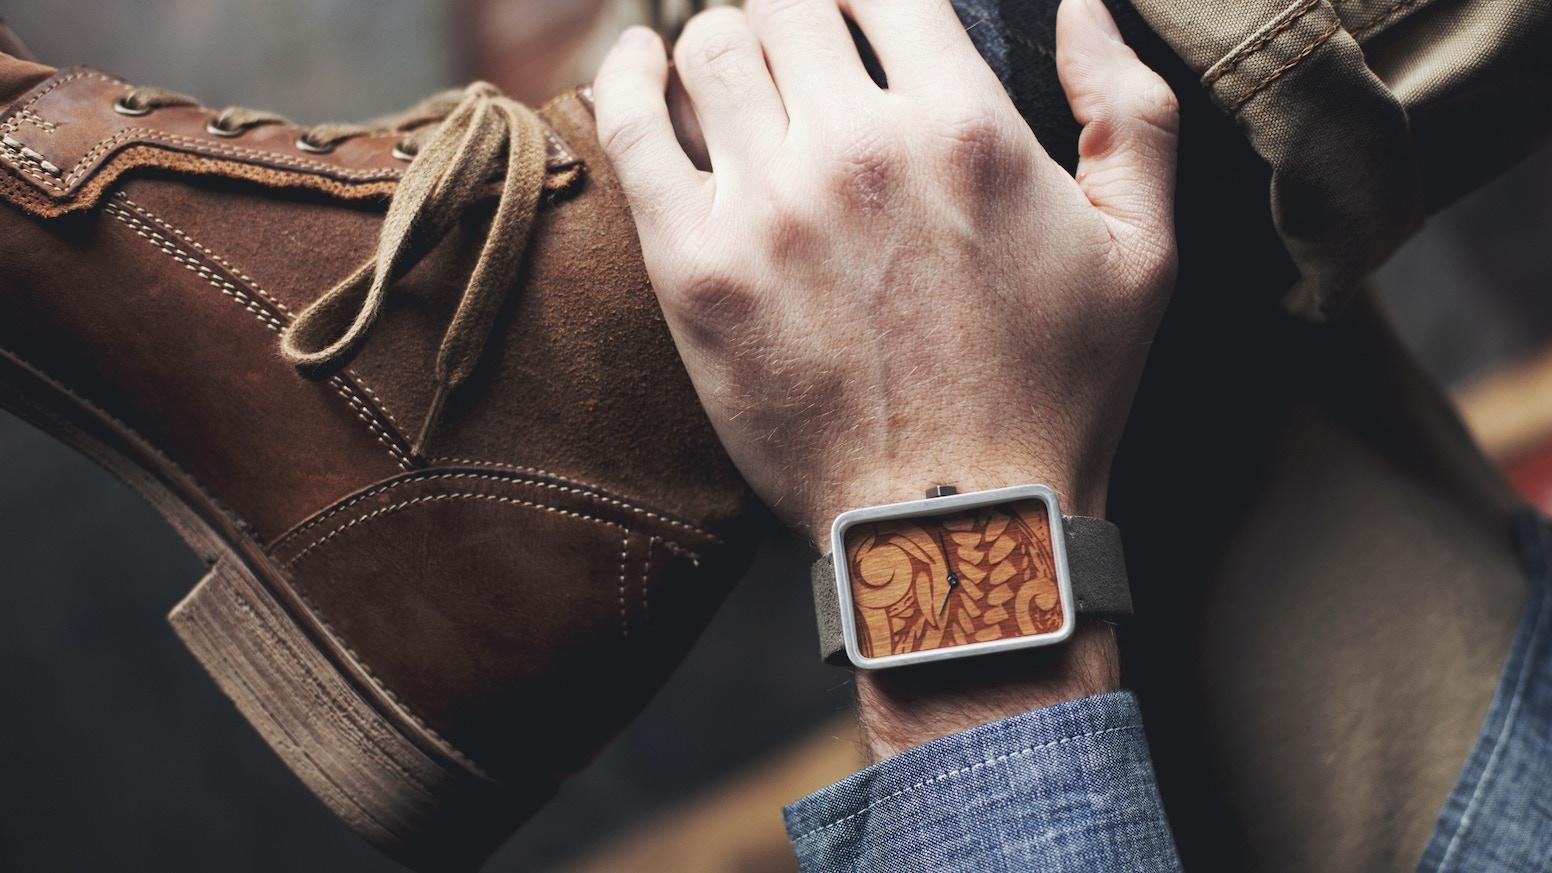 Schmutz (sh-moots) Watches by Lee Dowell — Kickstarter